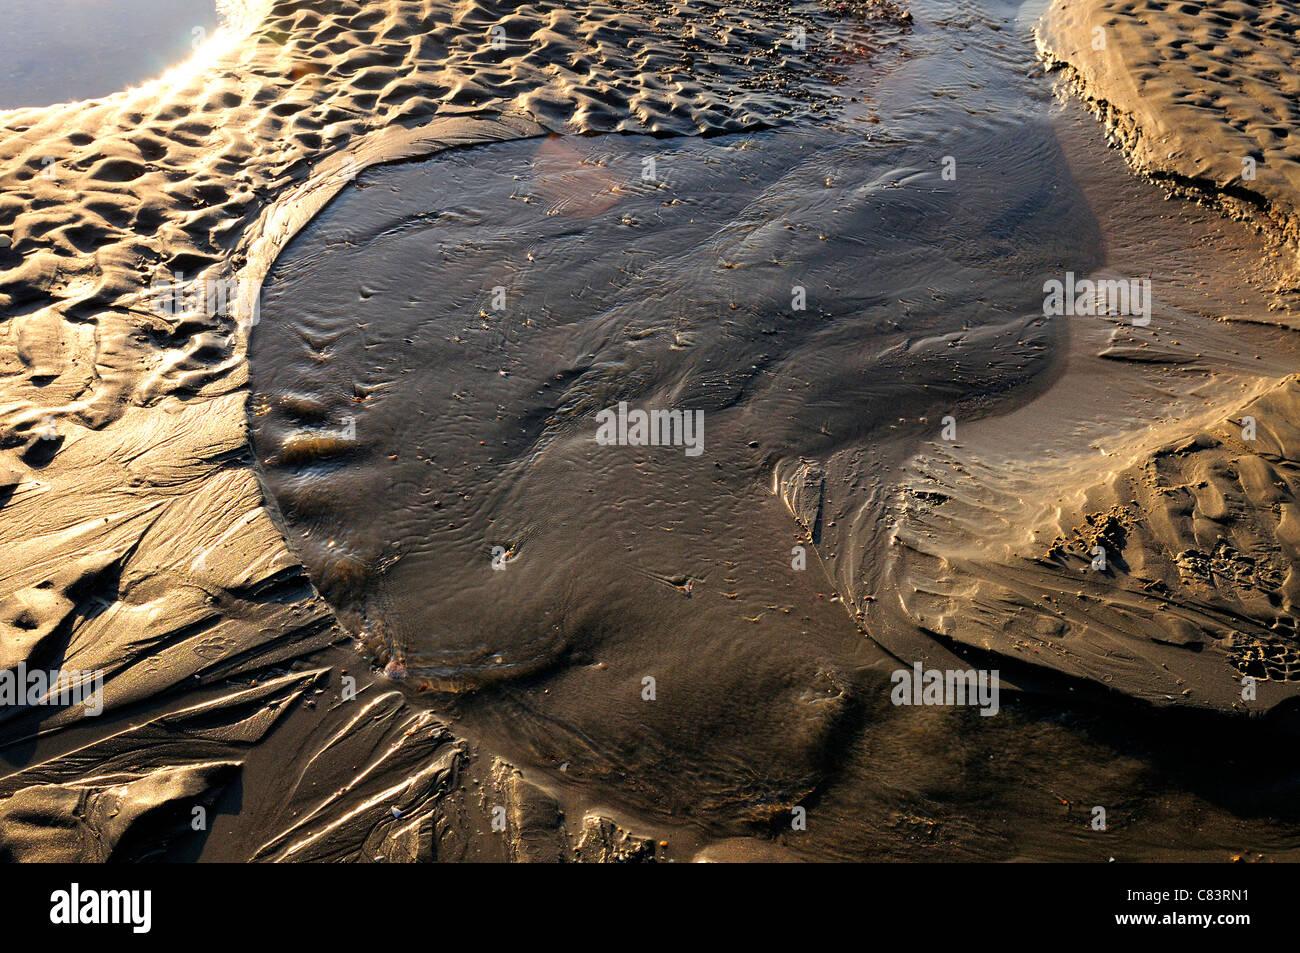 Des modèles dans le sable de l'eau marée basse à West Wittering Beach, Photo Stock